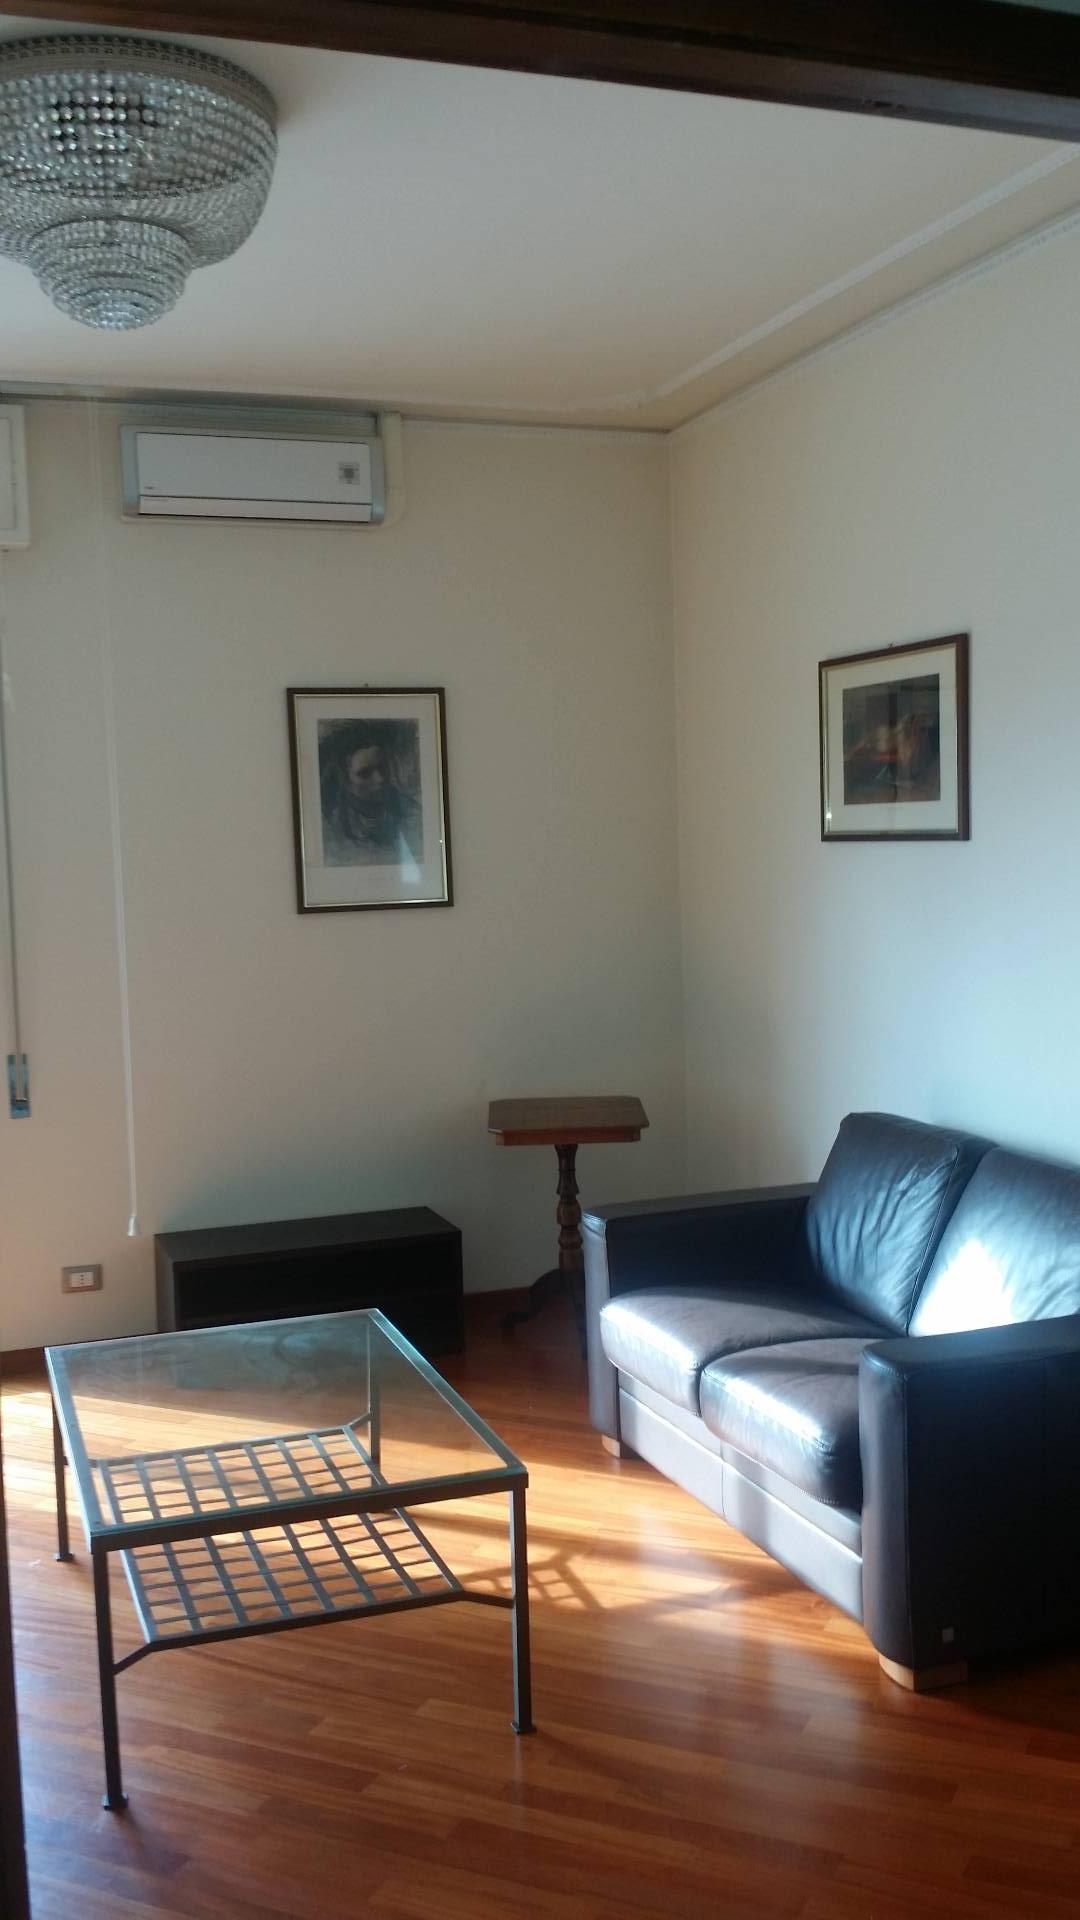 Attico / Mansarda in affitto a Empoli, 5 locali, zona Località: Poste, prezzo € 800 | Cambio Casa.it